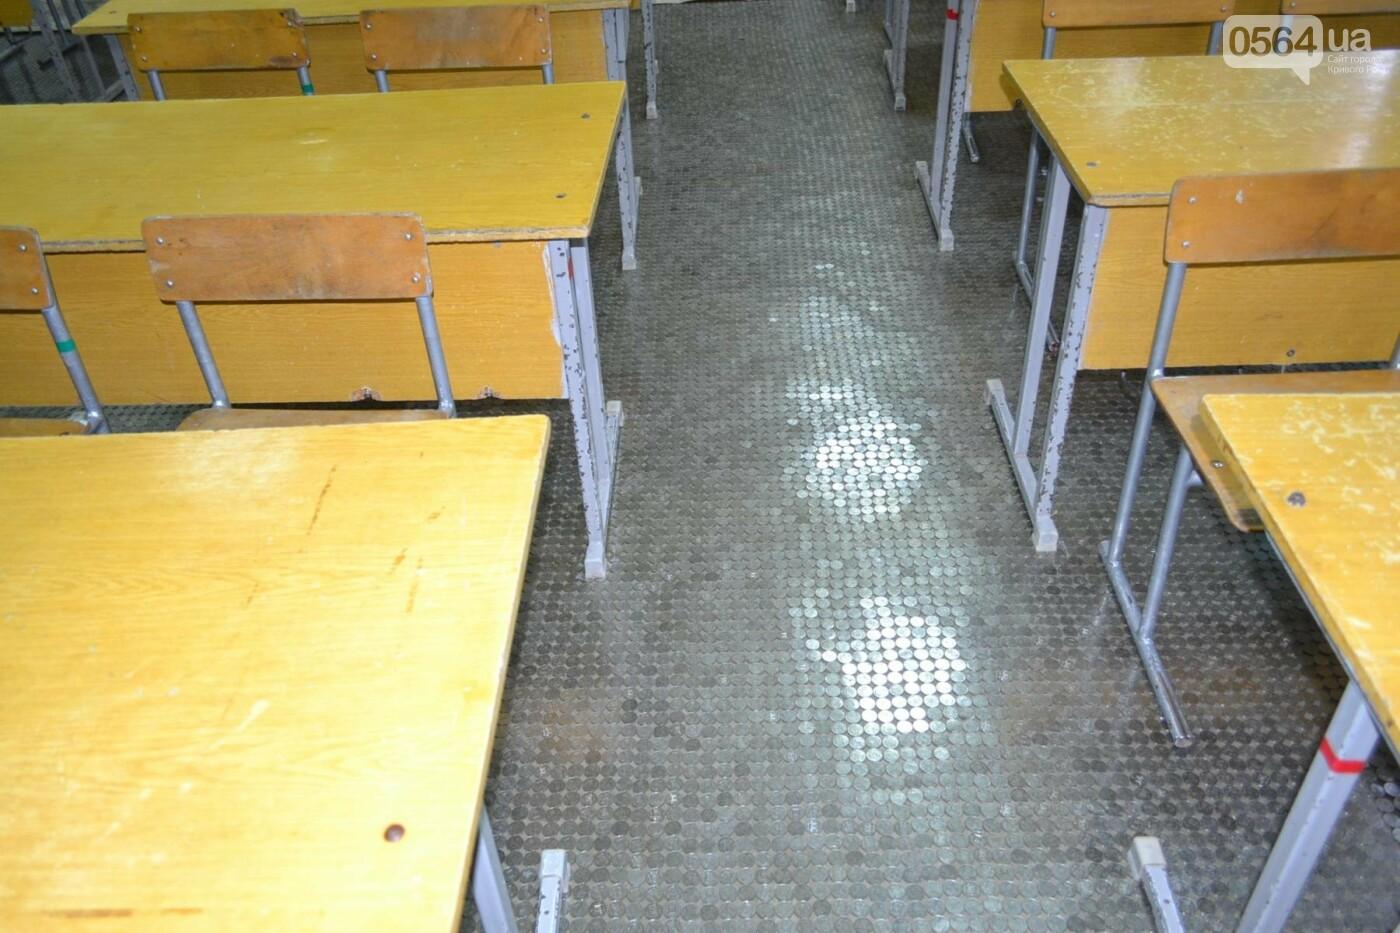 В школе Кривого Рога ремонтируют пол 5-копеечными монетами, - ФОТО, фото-6